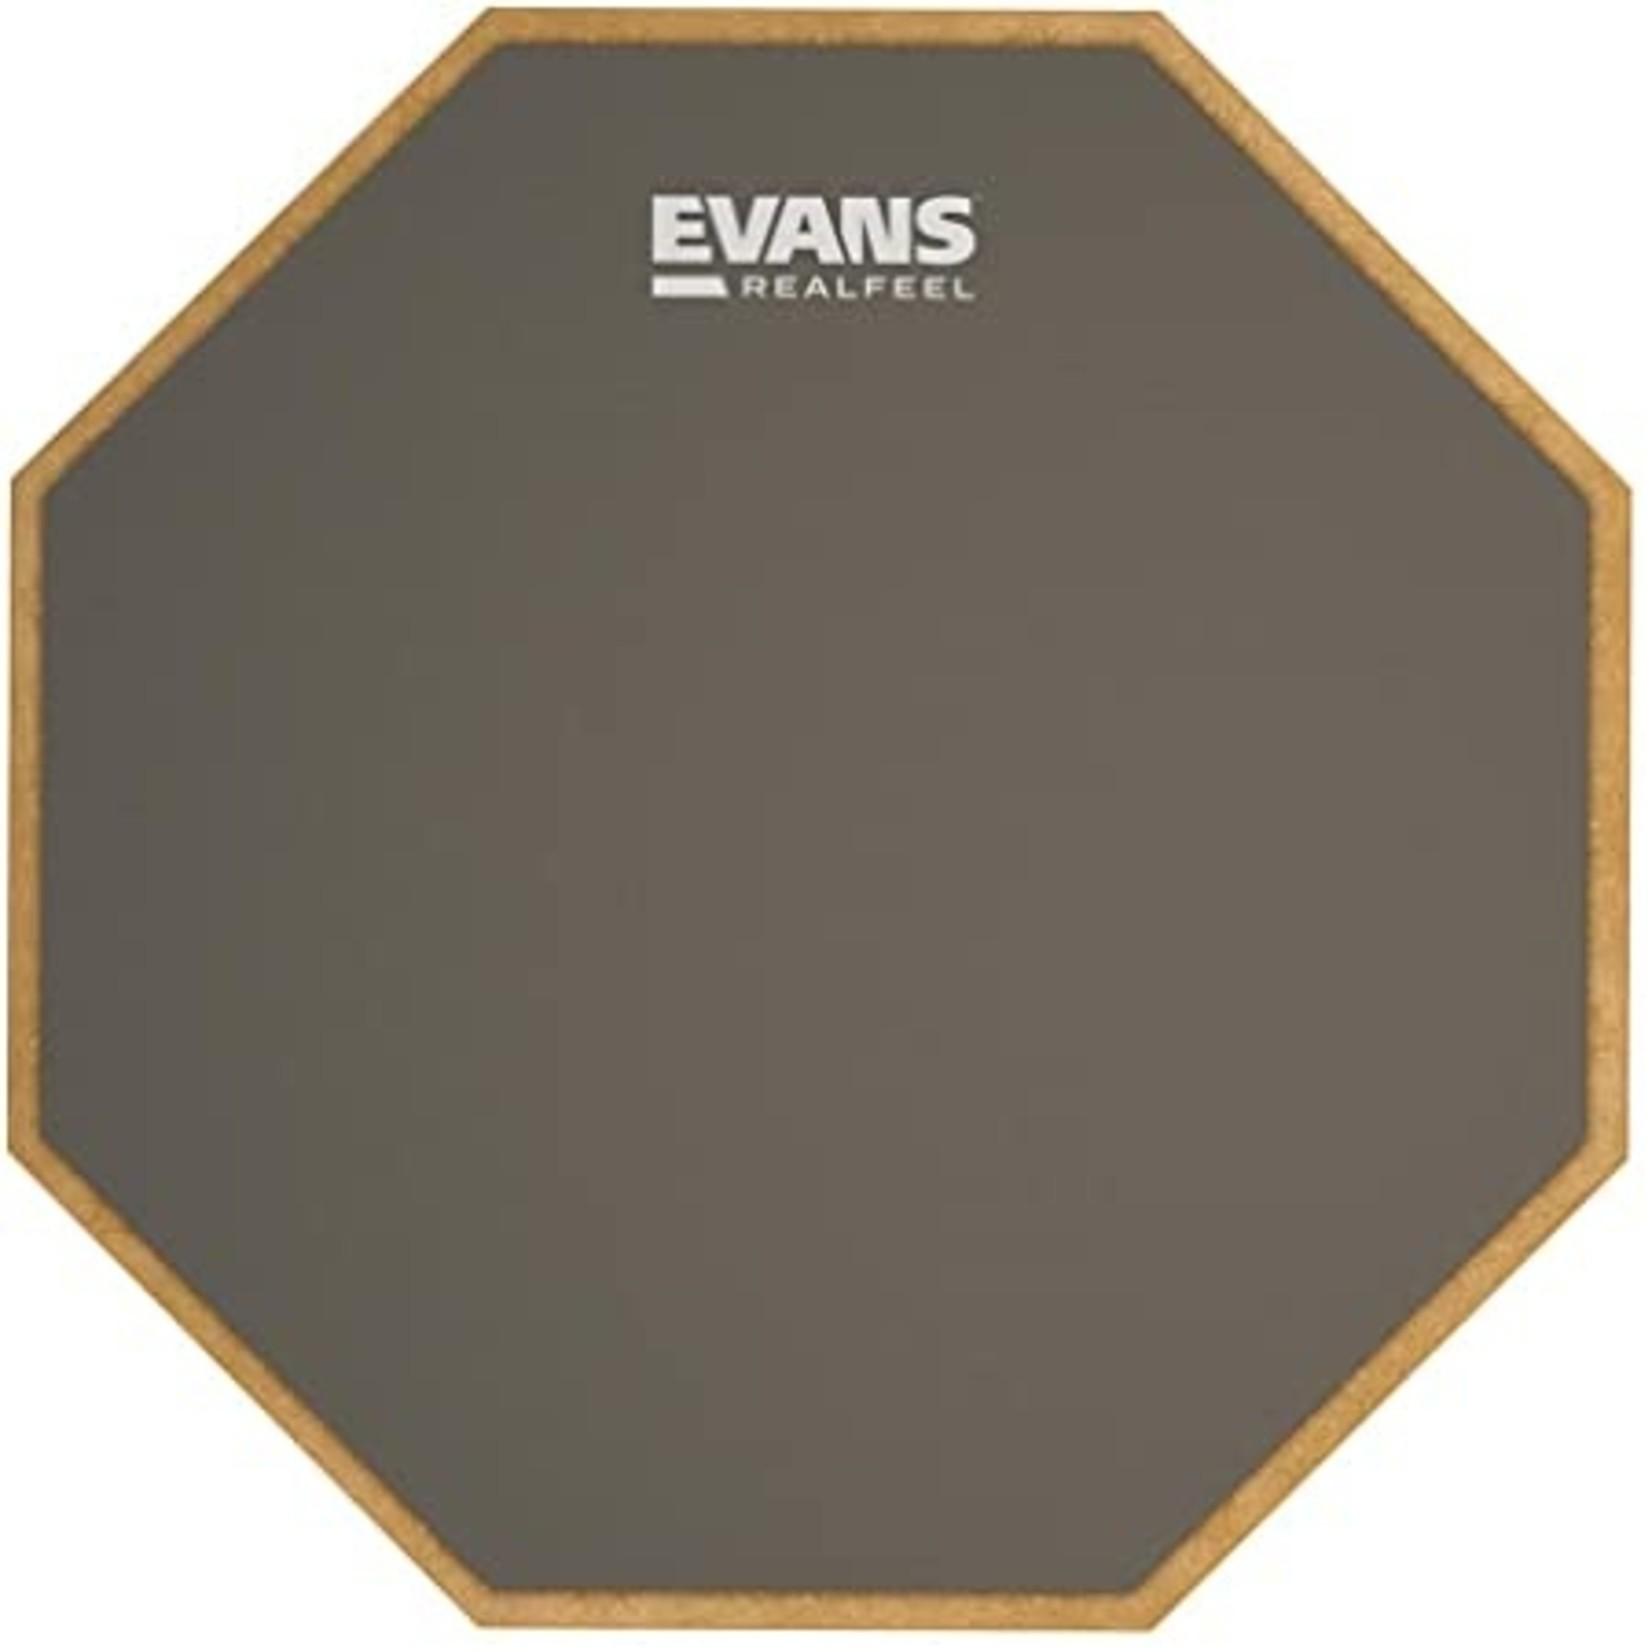 """Evans RealFeel 12"""" 1-Sided Standard Pad"""